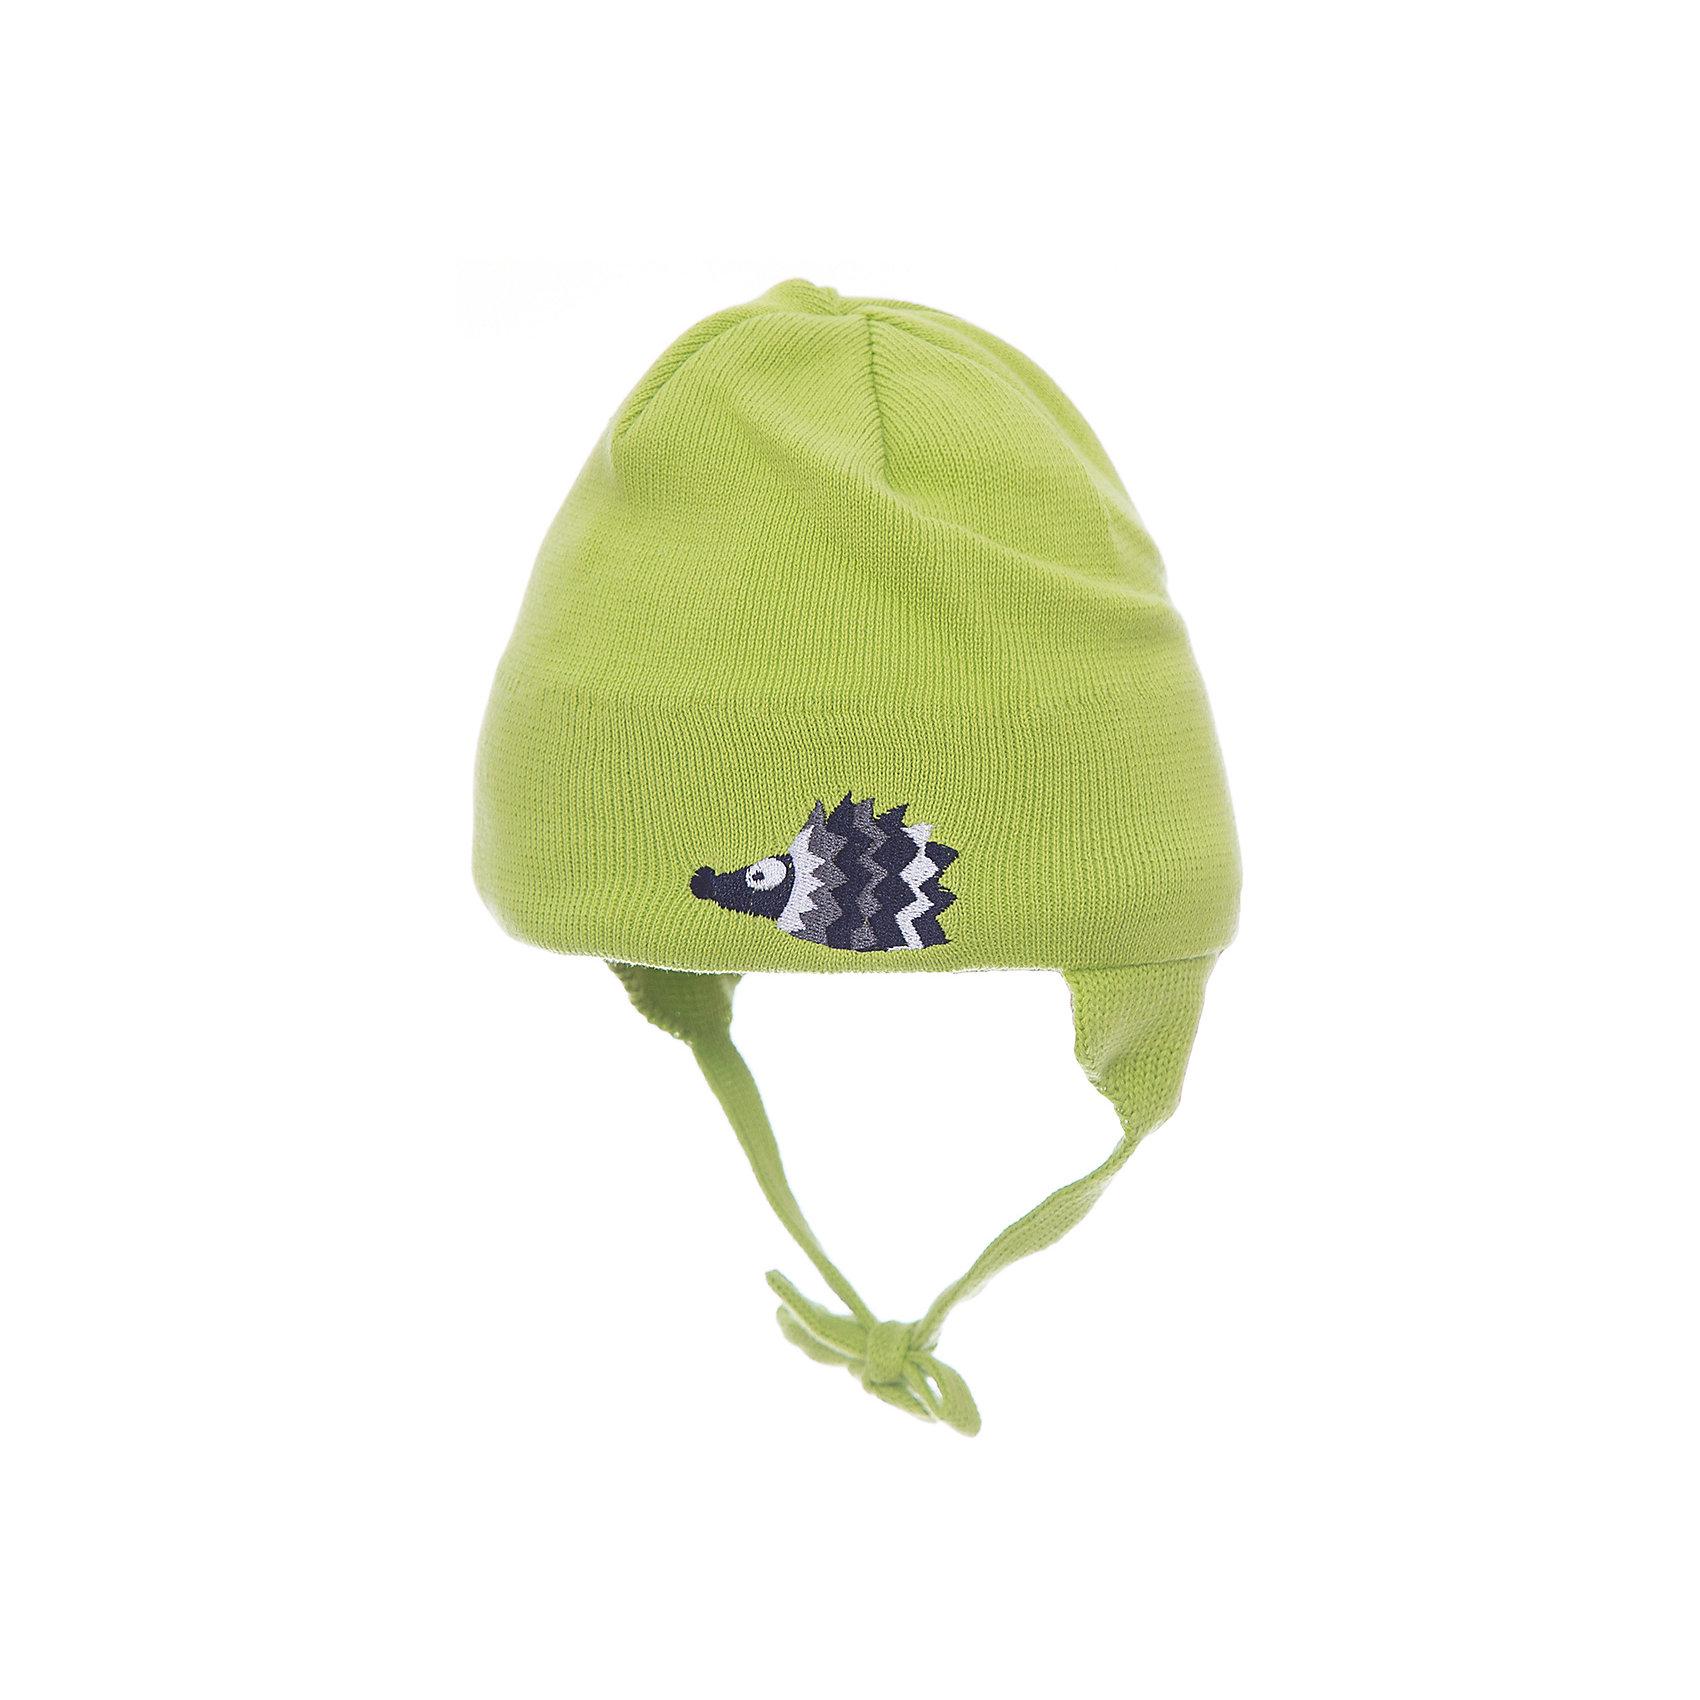 Шапка для мальчика HuppaШапочки<br>Хлопчатобумажная демисезонная шапка на завязках.<br><br>Дополнительная информация:<br><br>Демисезонная модель<br>Состав:100% хлопок<br><br>Шапку для мальчика Huppa можно купить в нашем магазине.<br><br>Ширина мм: 89<br>Глубина мм: 117<br>Высота мм: 44<br>Вес г: 155<br>Цвет: желтый<br>Возраст от месяцев: 12<br>Возраст до месяцев: 24<br>Пол: Мужской<br>Возраст: Детский<br>Размер: 47-49,43-45,51-53,39-43<br>SKU: 4595810